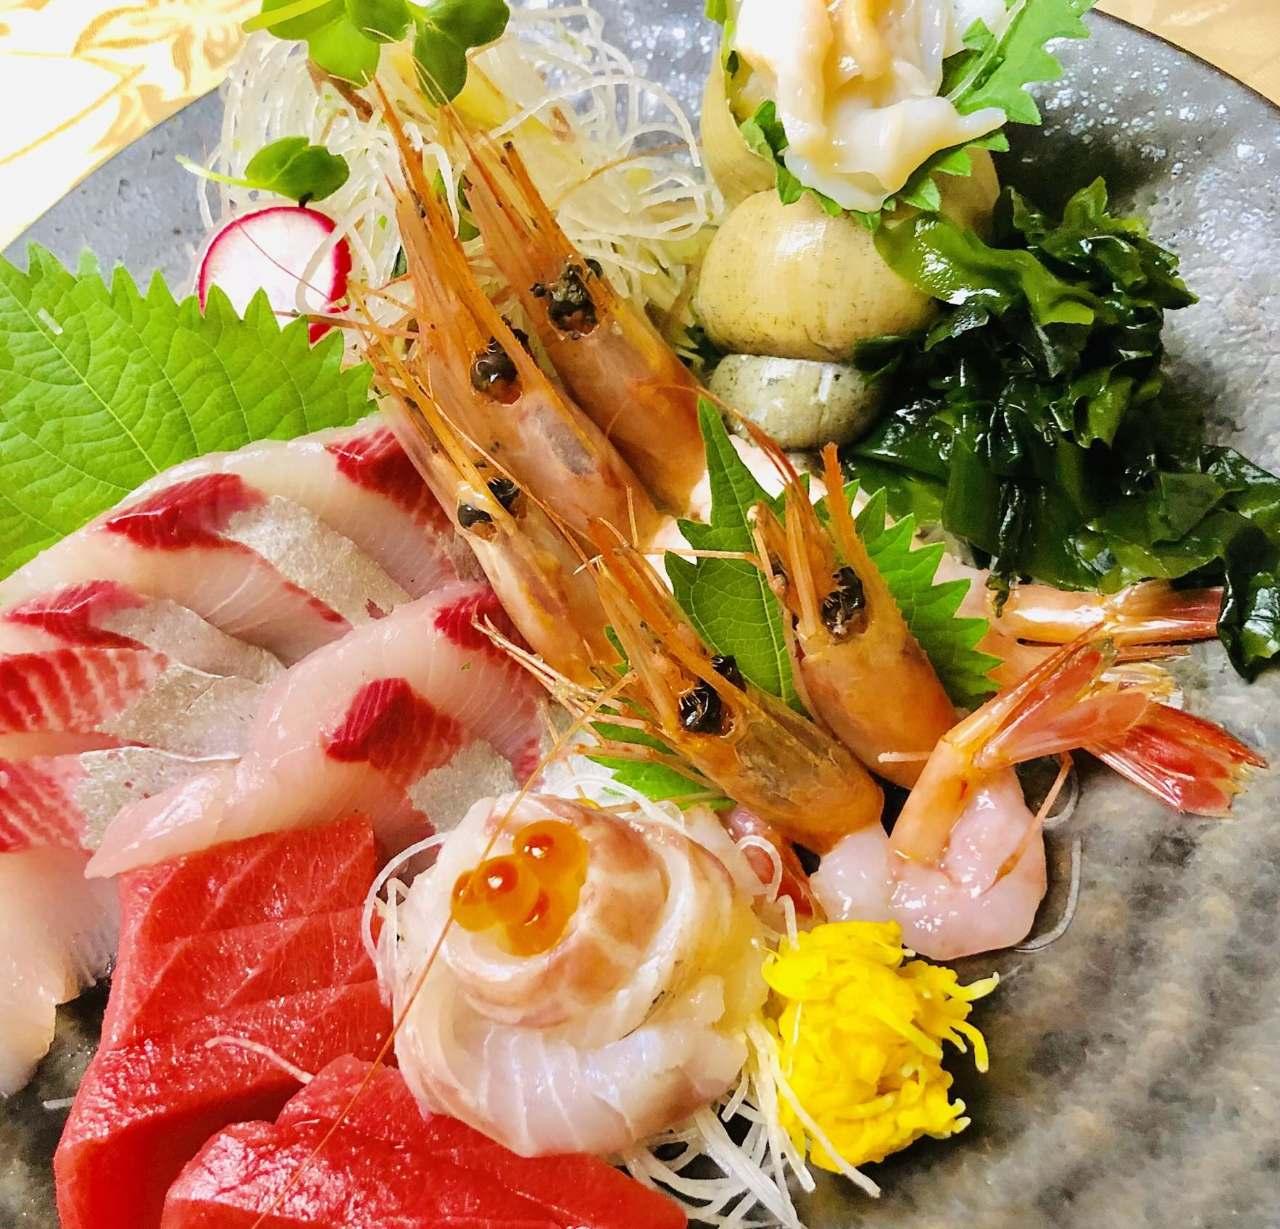 ご宴会プランのお料理例 お客様毎の個別盛りで安心です